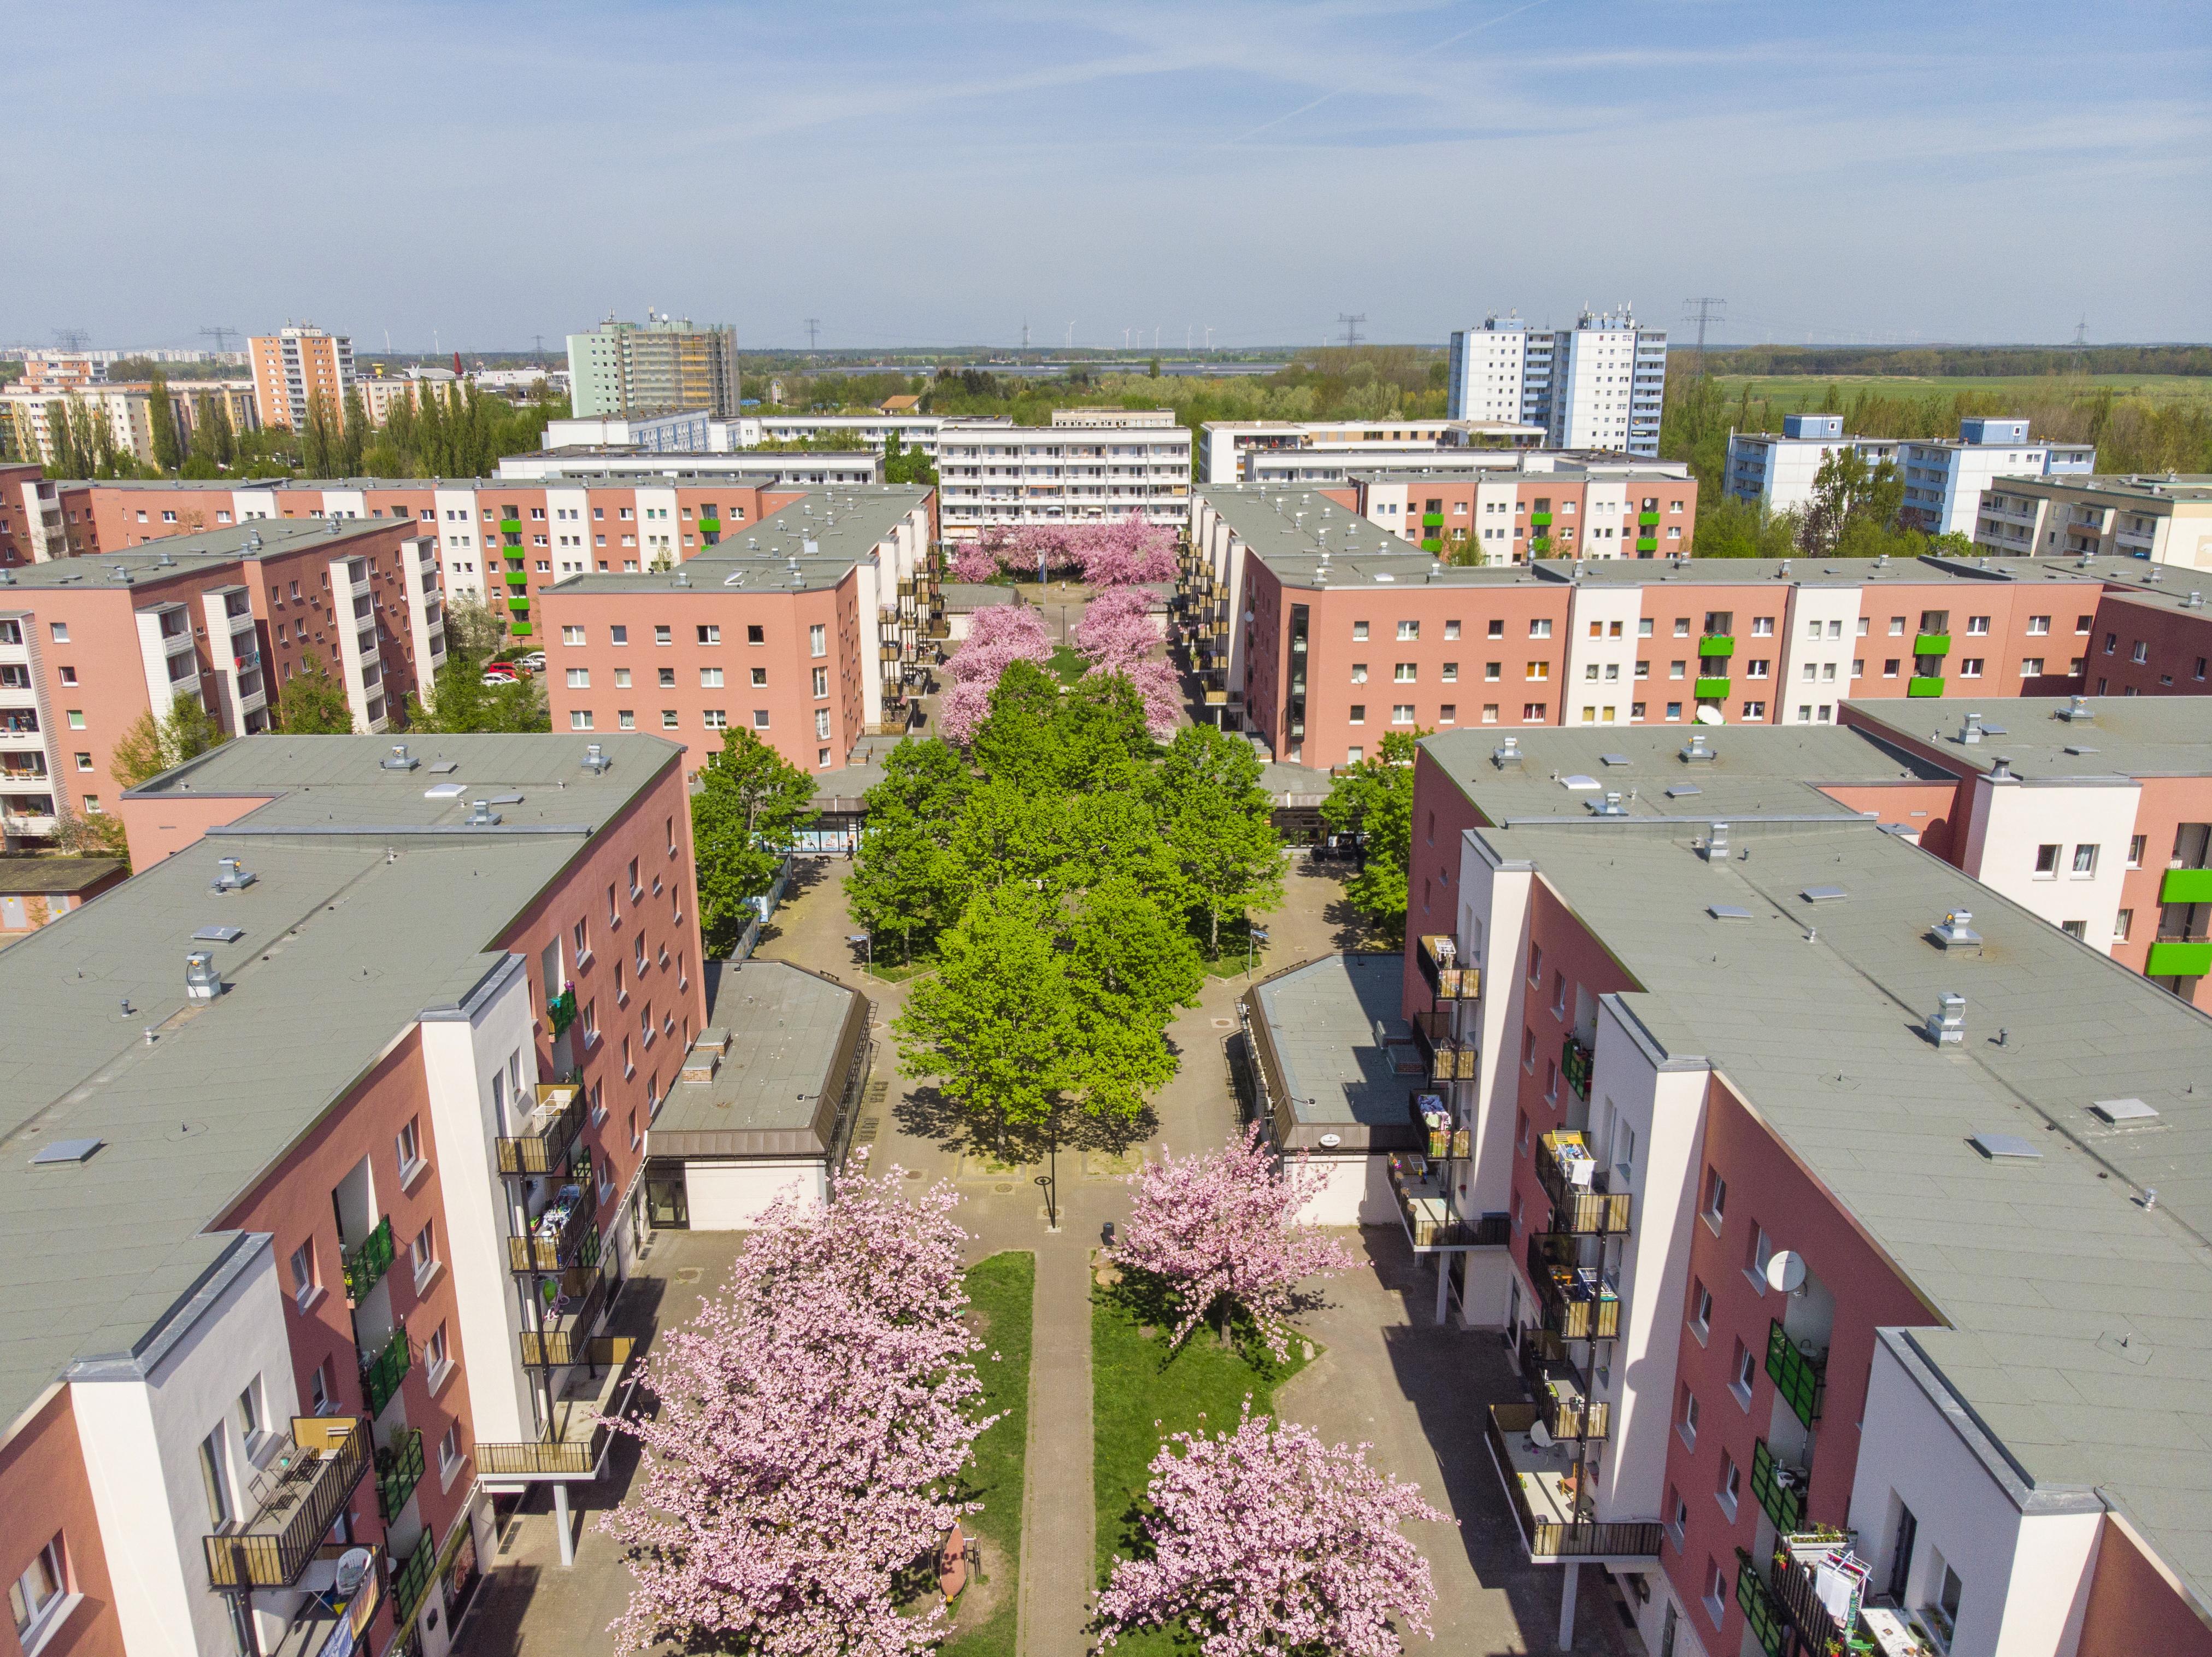 Neuer Glanz In Hellersdorf